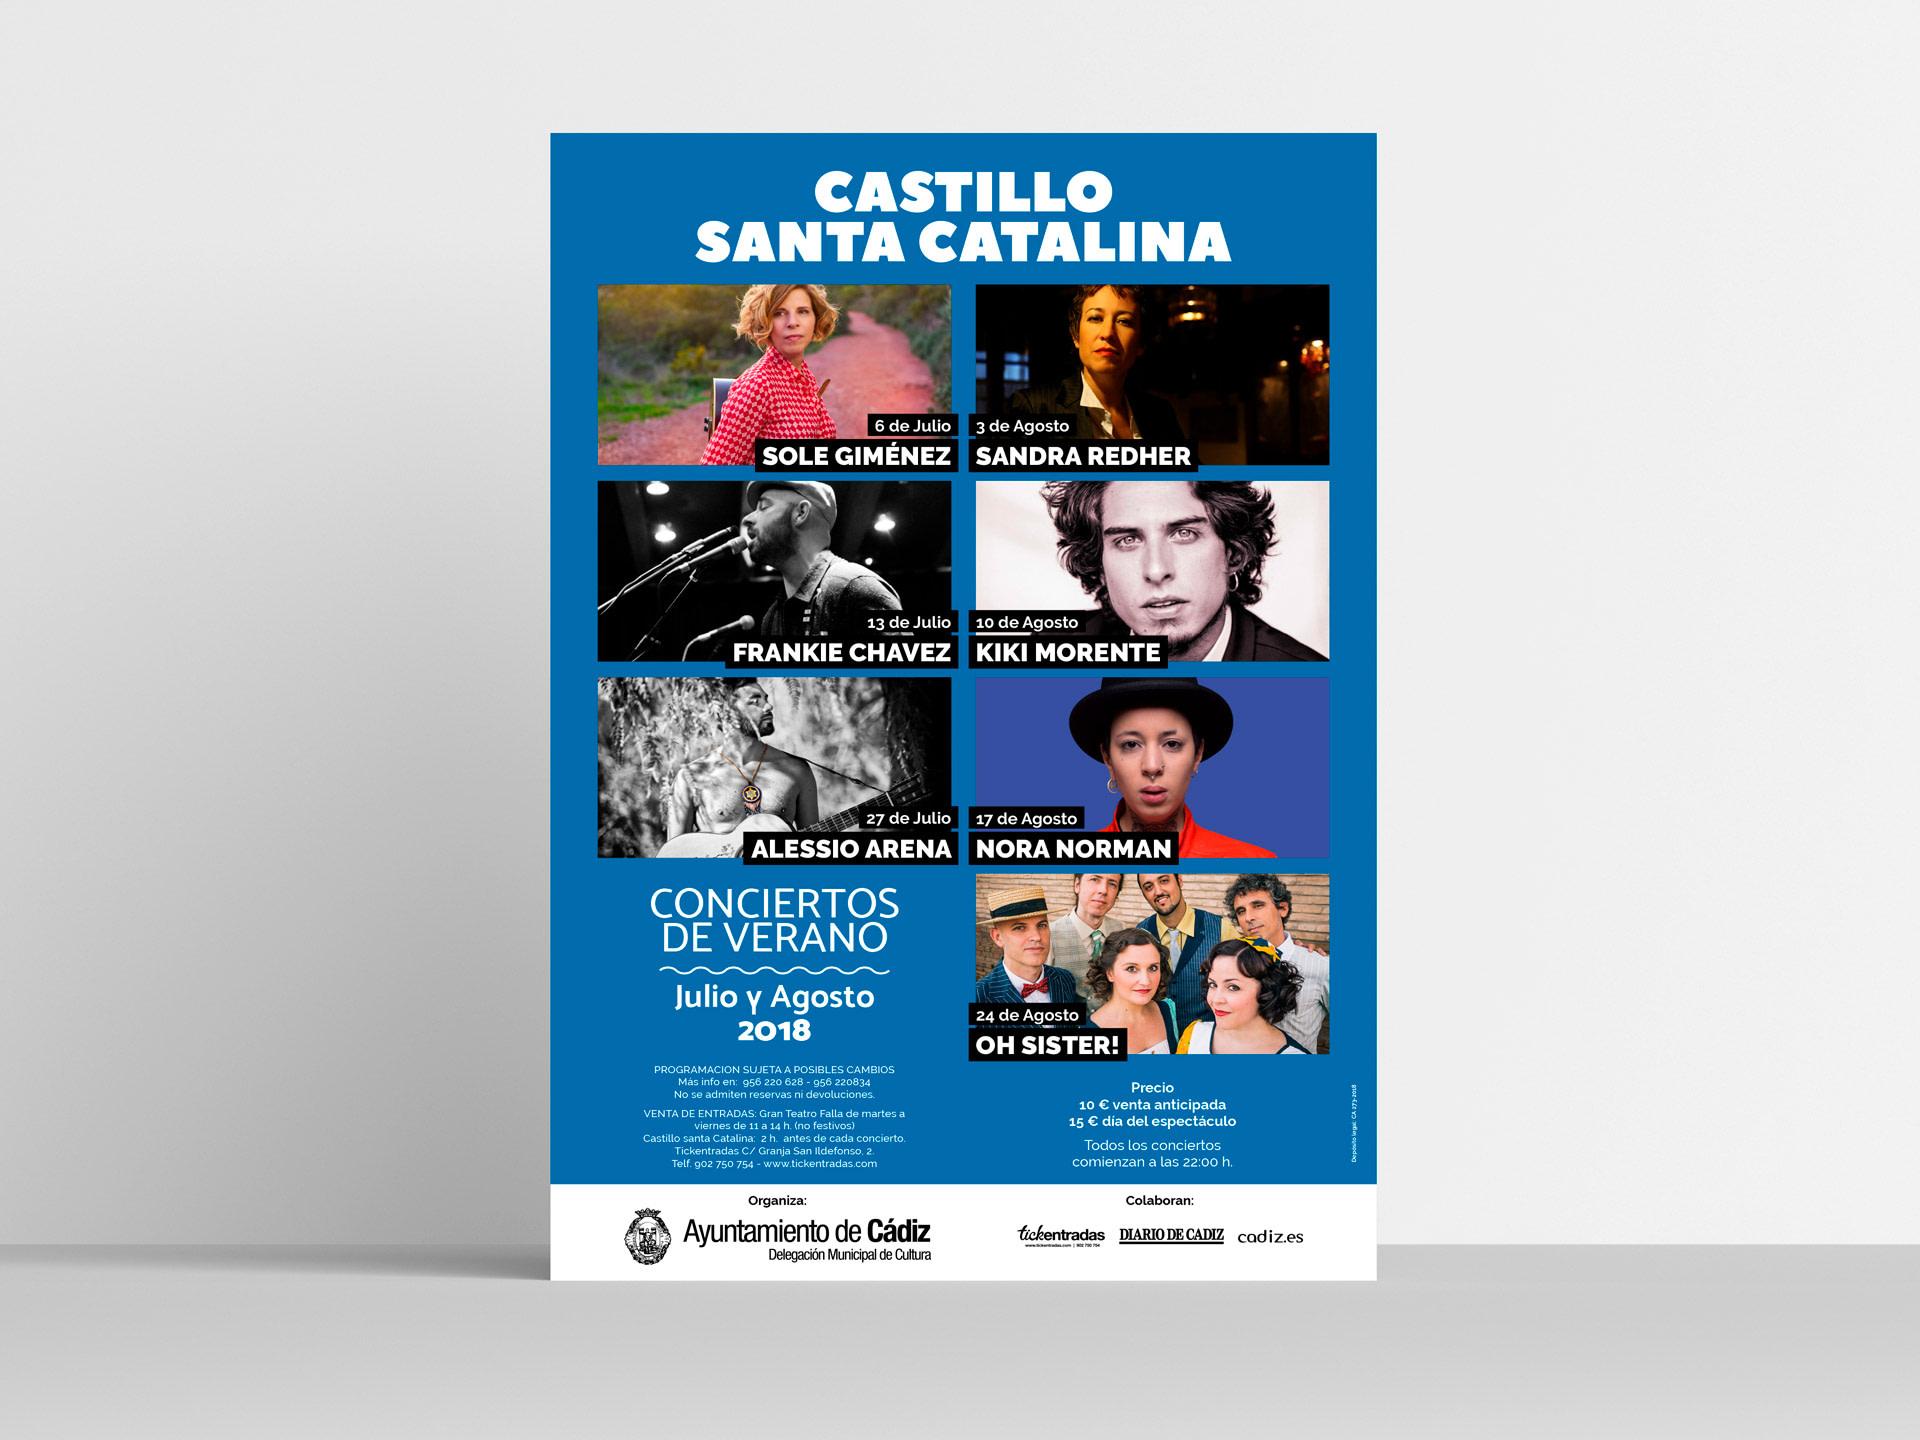 Cartel - Campaña de publicidad - Castillo Santa Catalina 2018